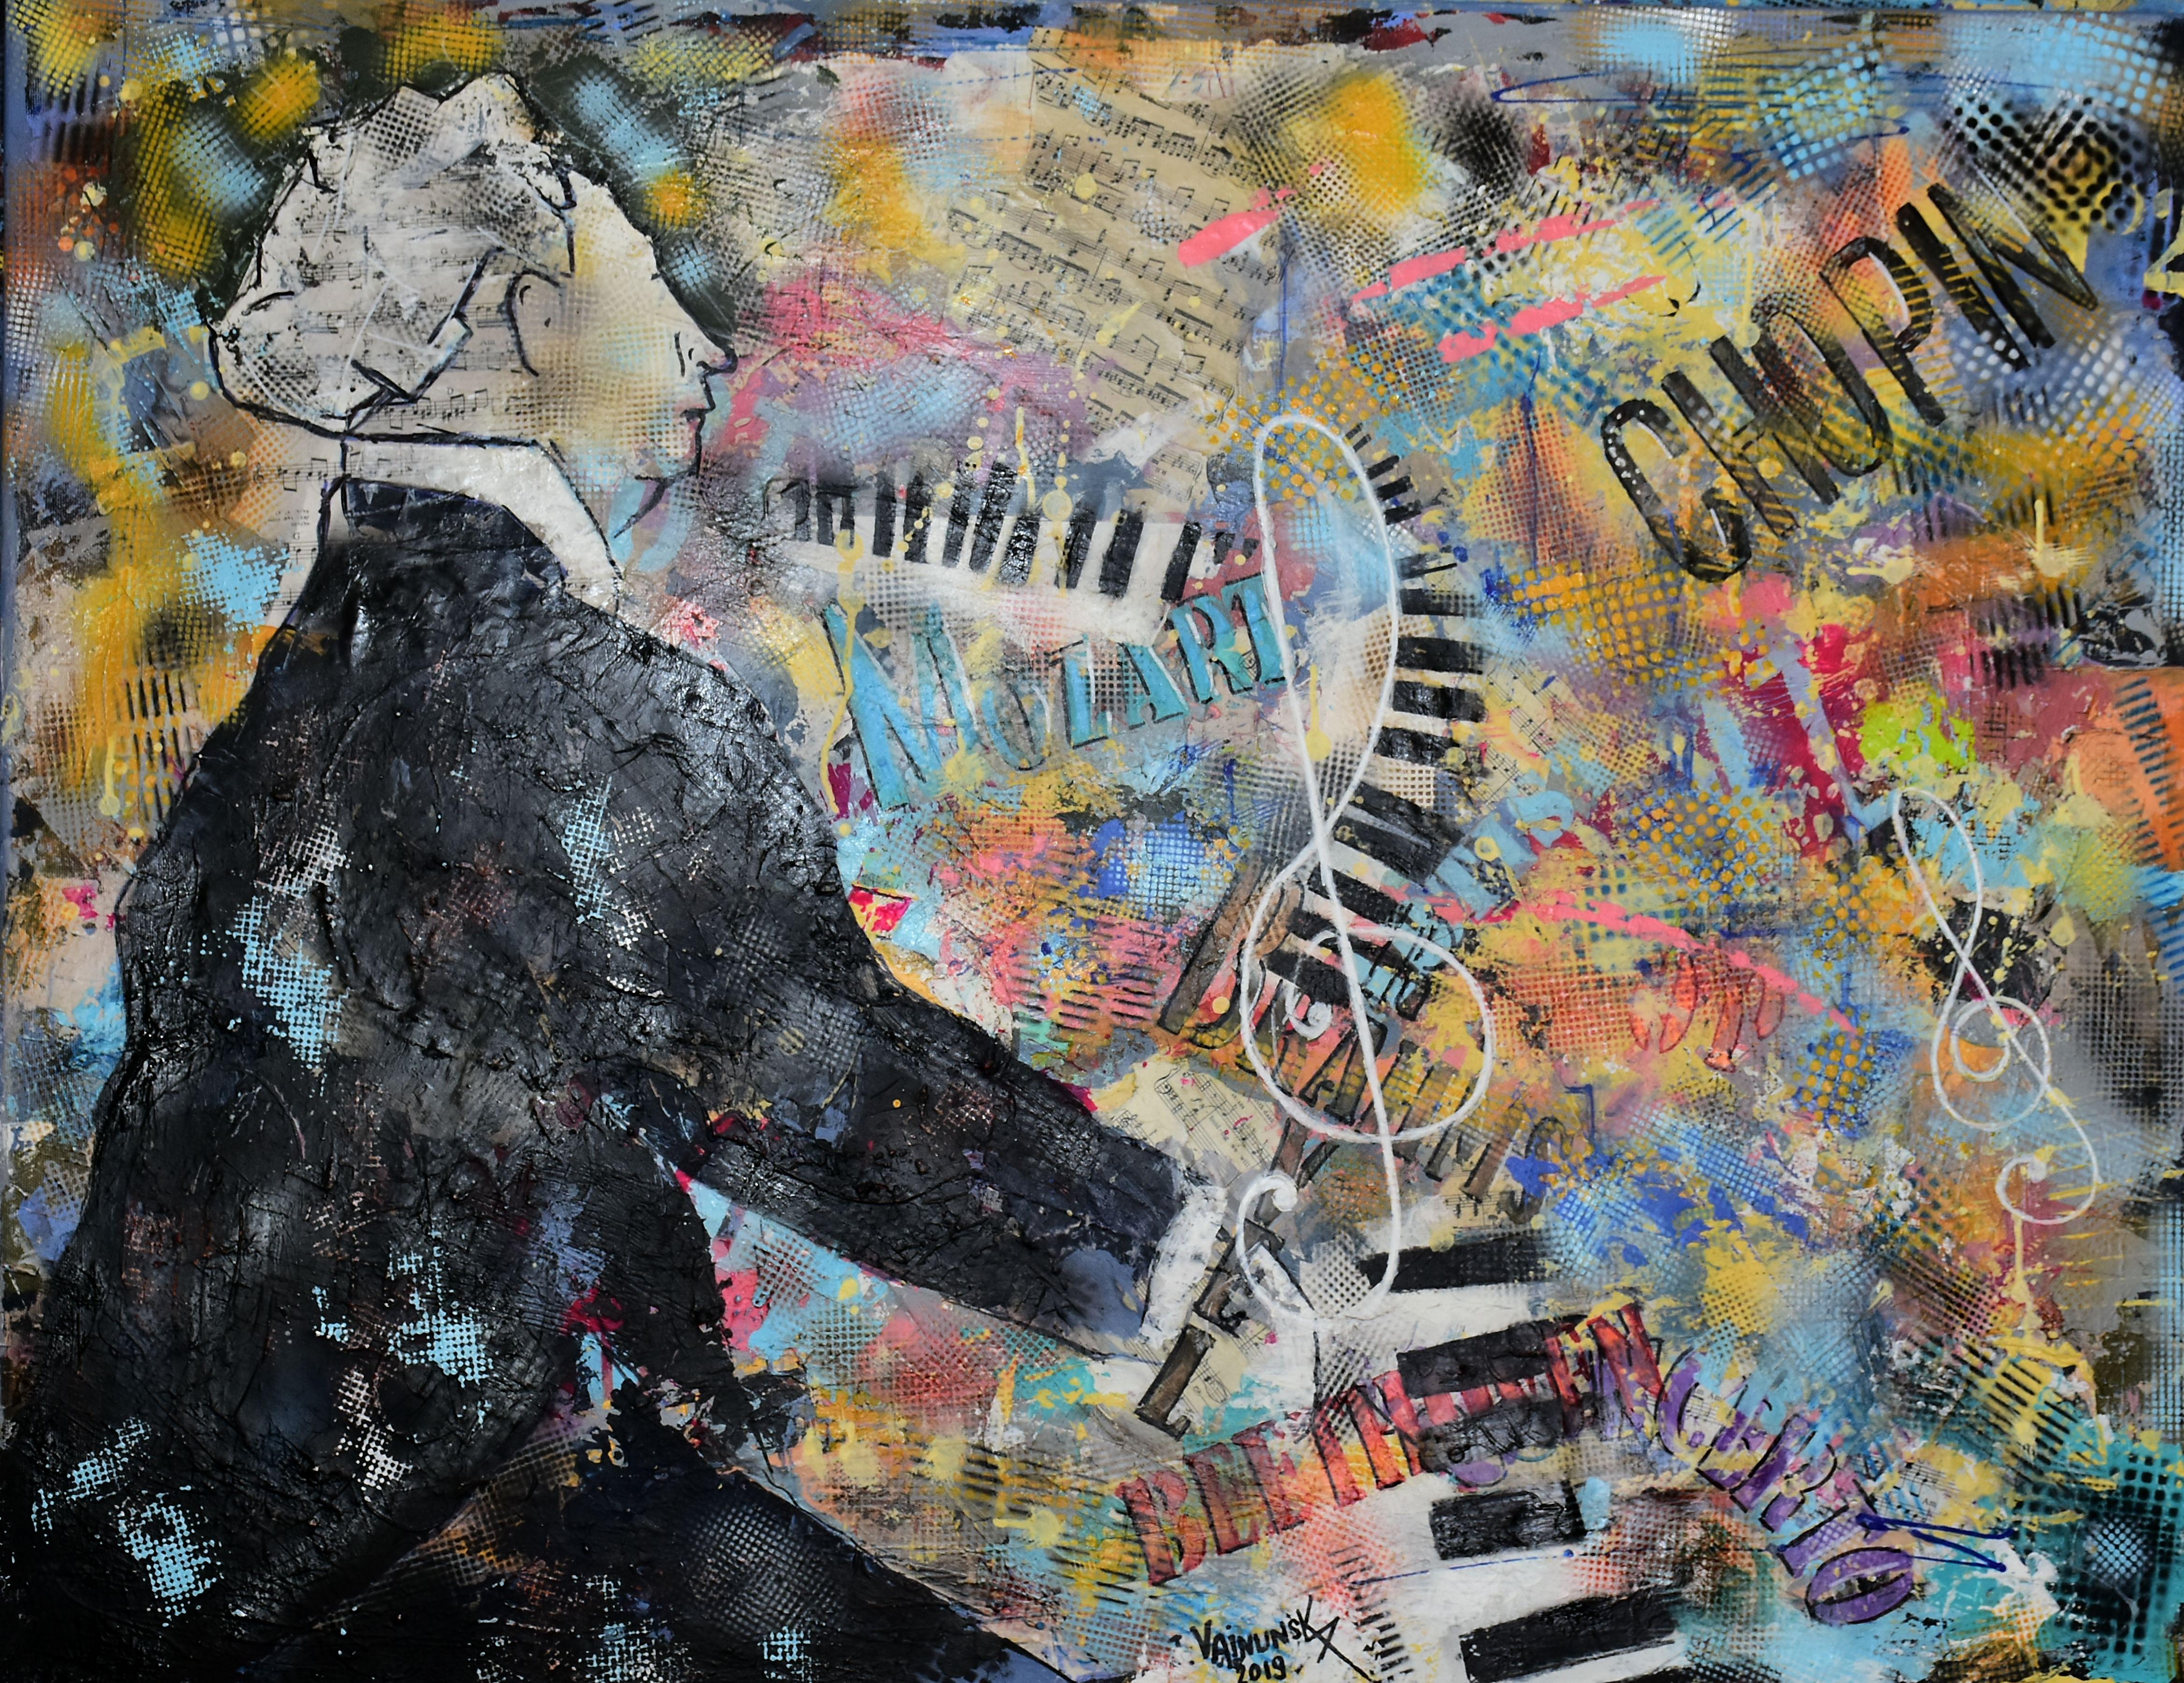 ARTHUR RUBINSTEIN, Acrylic on canvas' 90